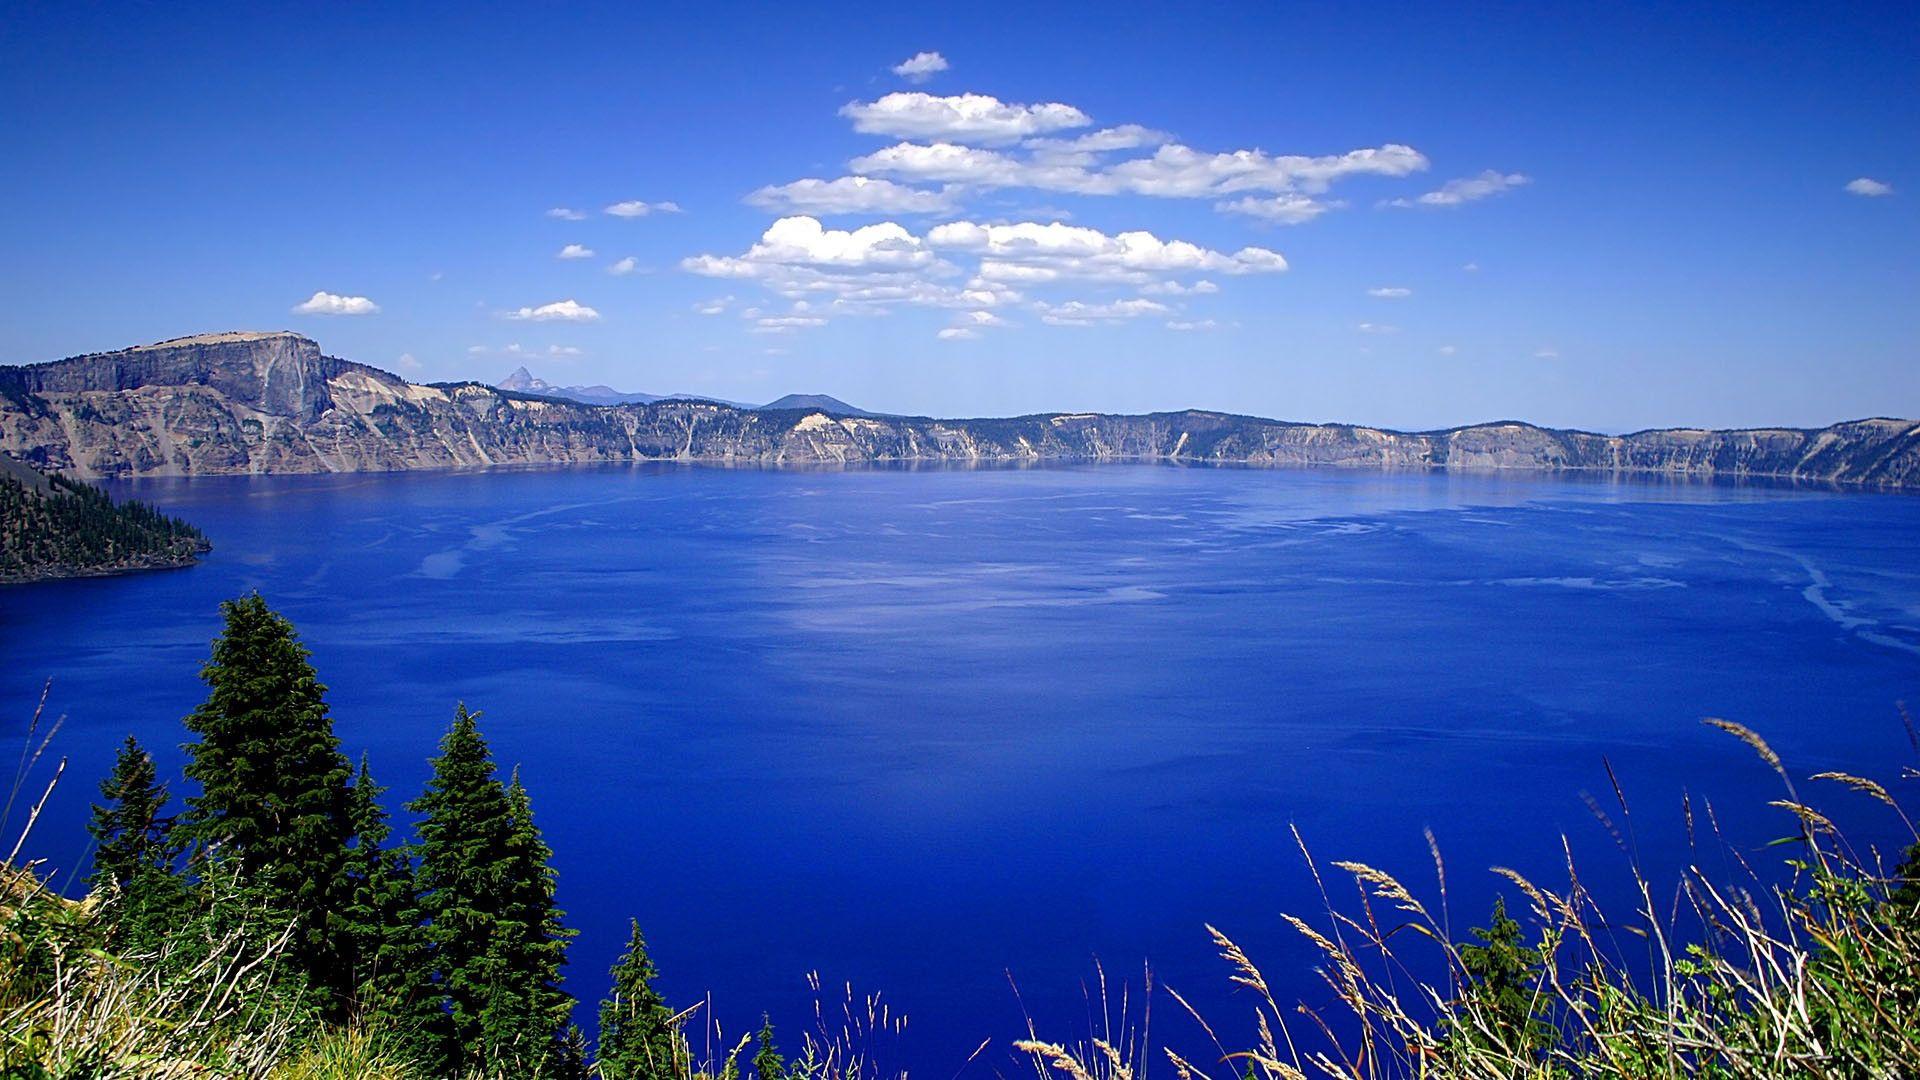 обои озеро в горах, горы, озеро, облака картинки фото